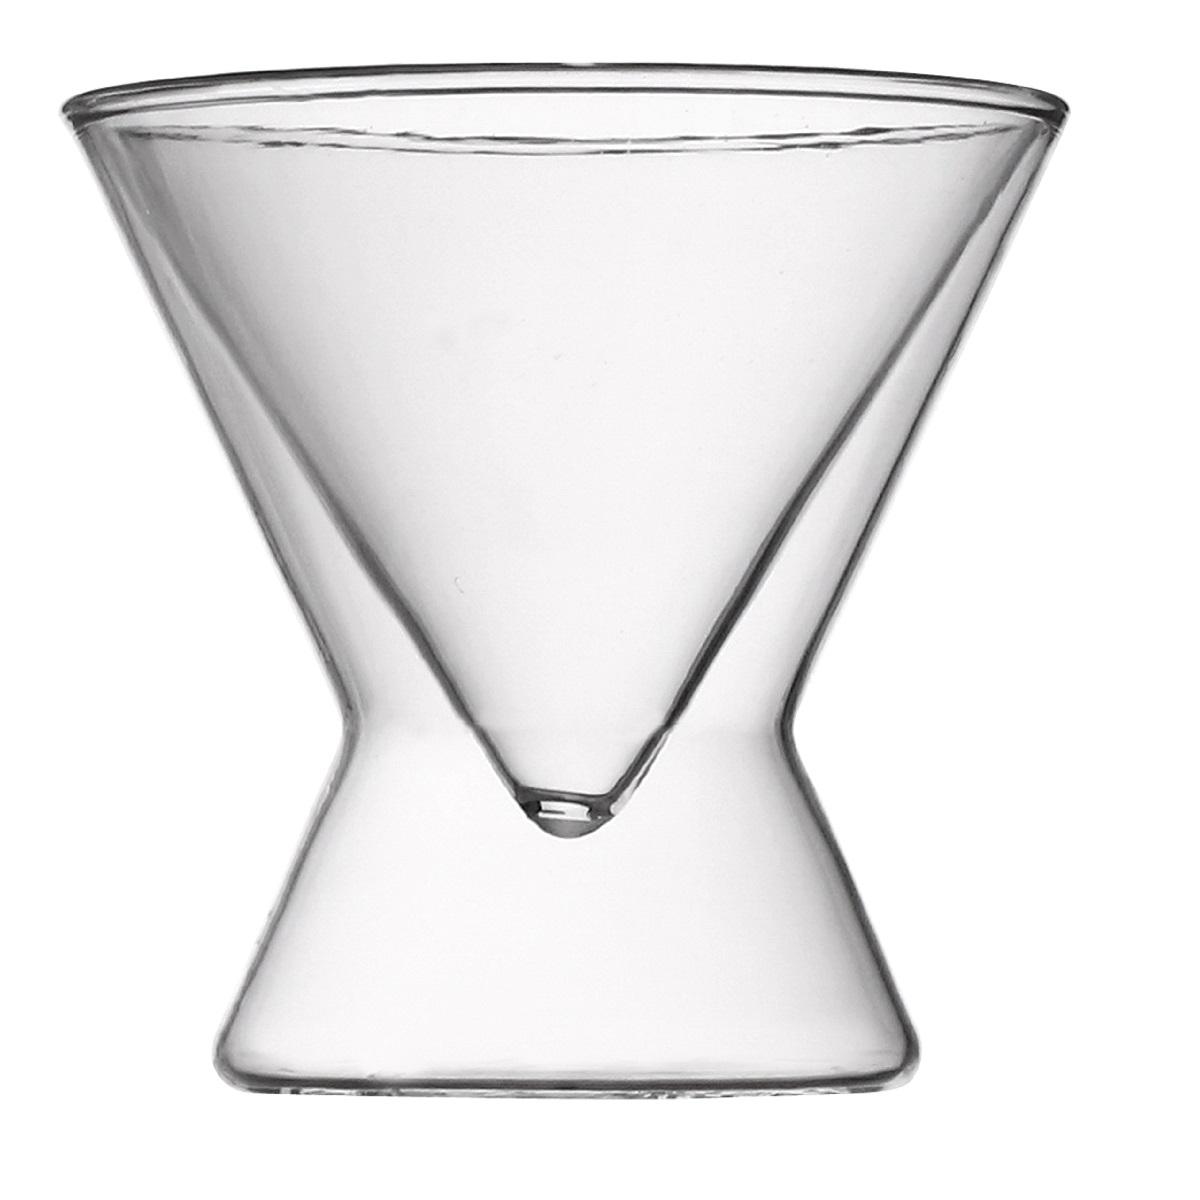 Набор из 2-х стаканов с двойными стенками 180 мл, 11,5*11,4 смПодходит для использования в  посудомоечной машине. Не использовать в СВЧ печи,духовом шкафу.<br>